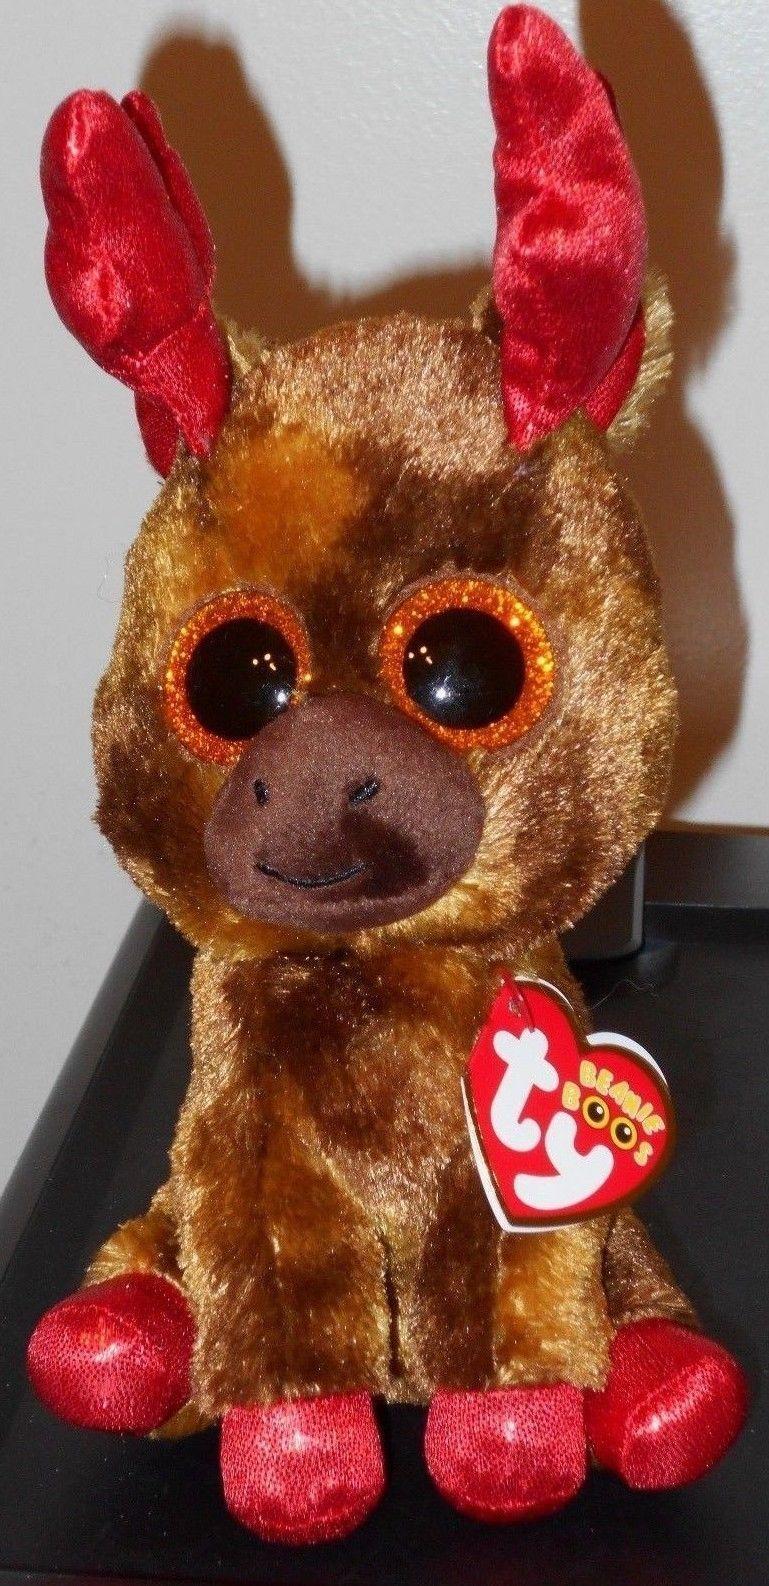 495fc8da207 Ty Beanie Boos Maple The Moose 6